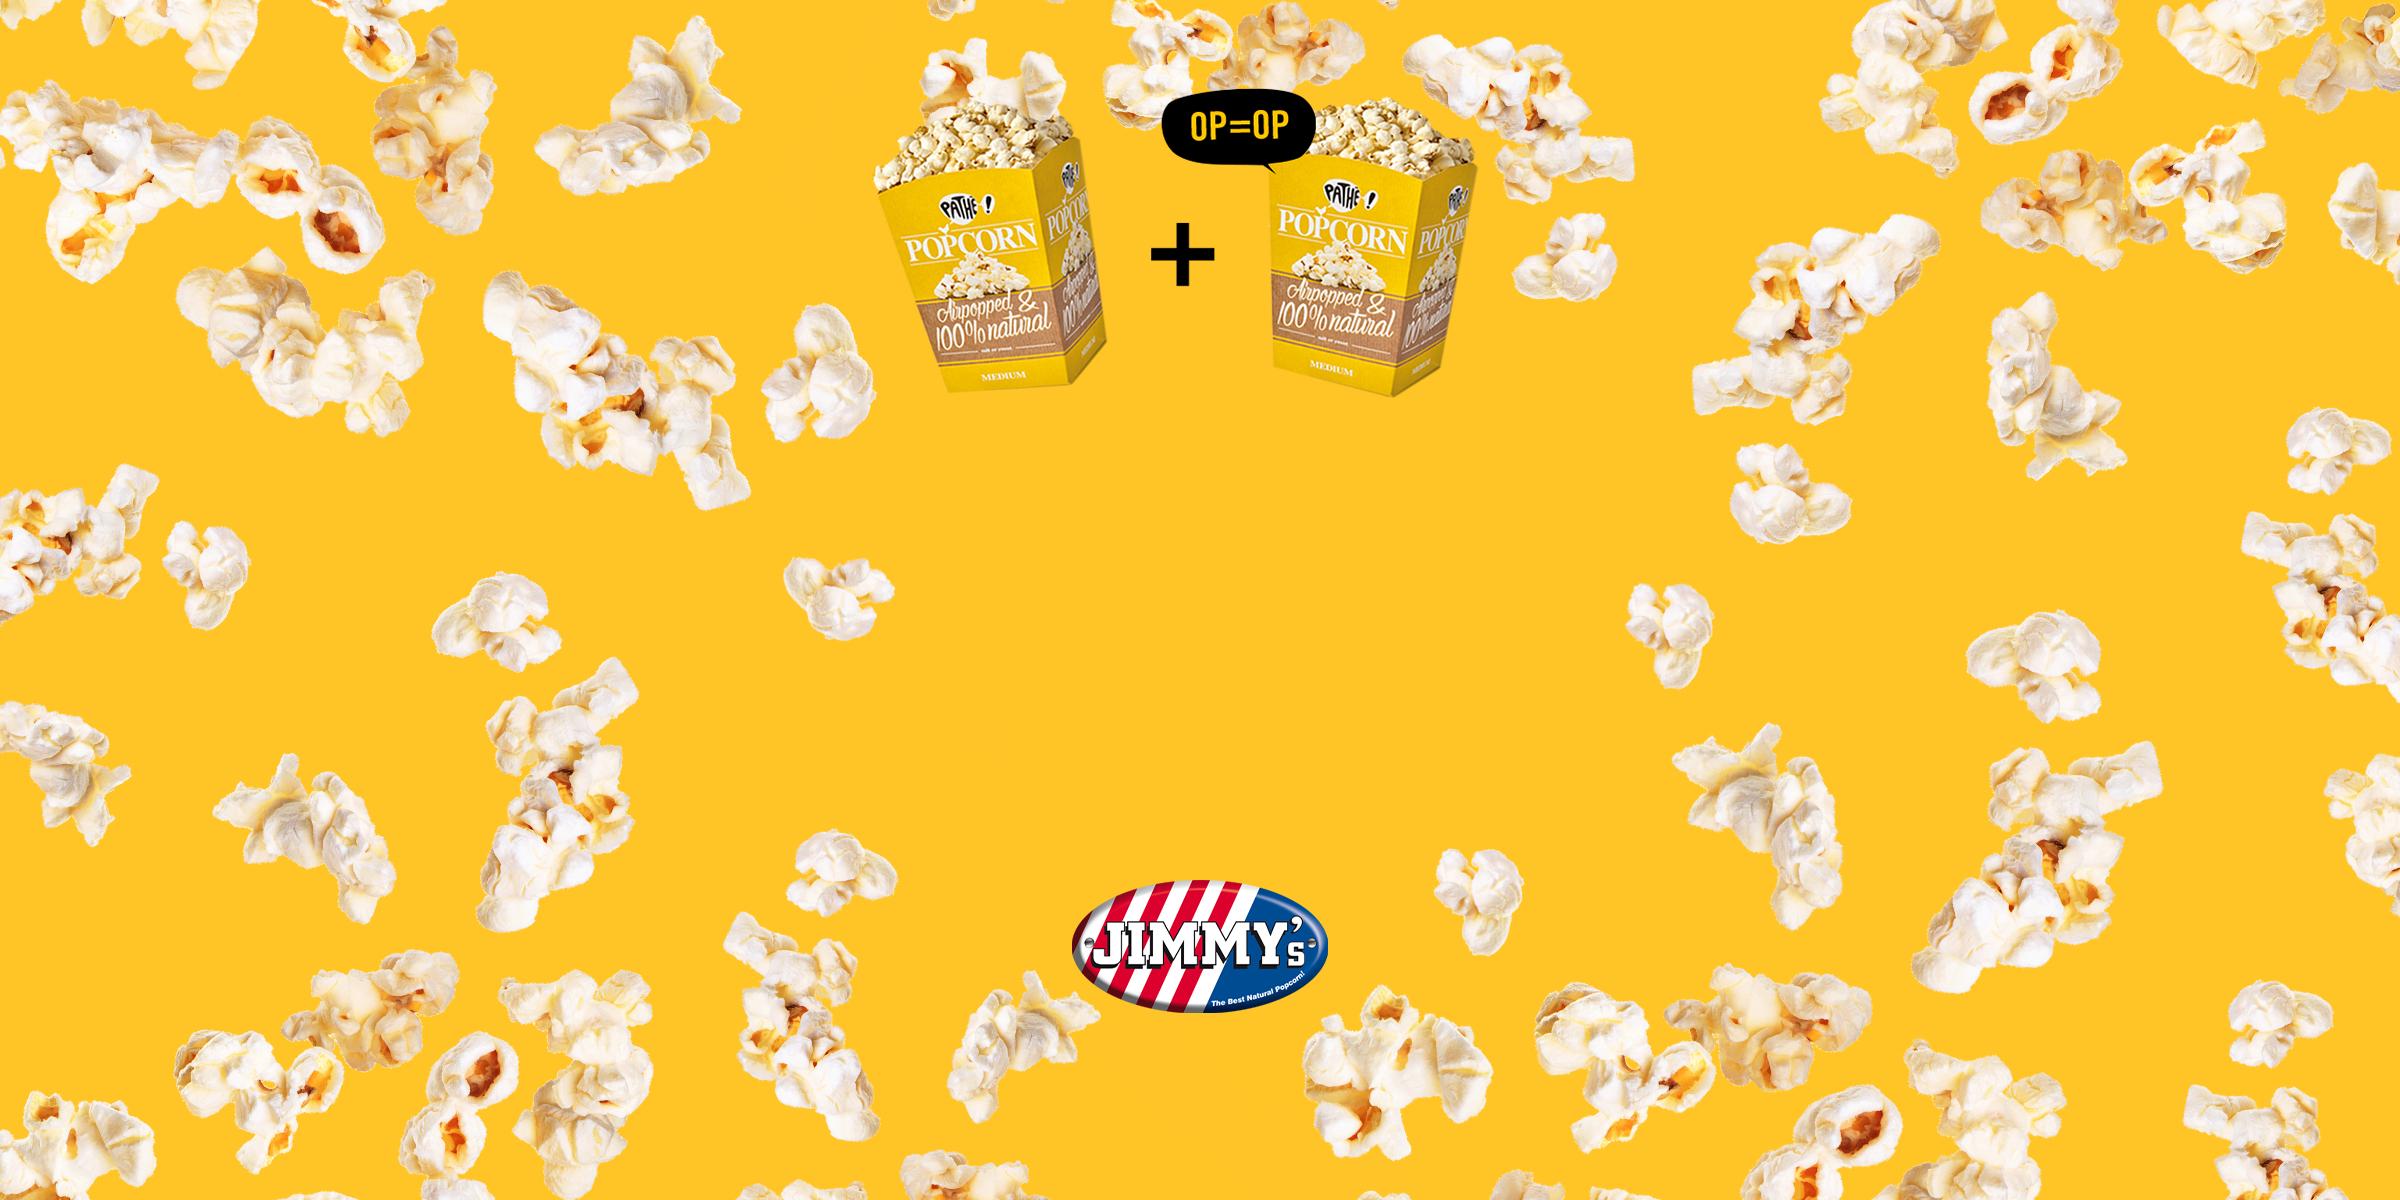 Gratis tweede popcorn bij Pathé